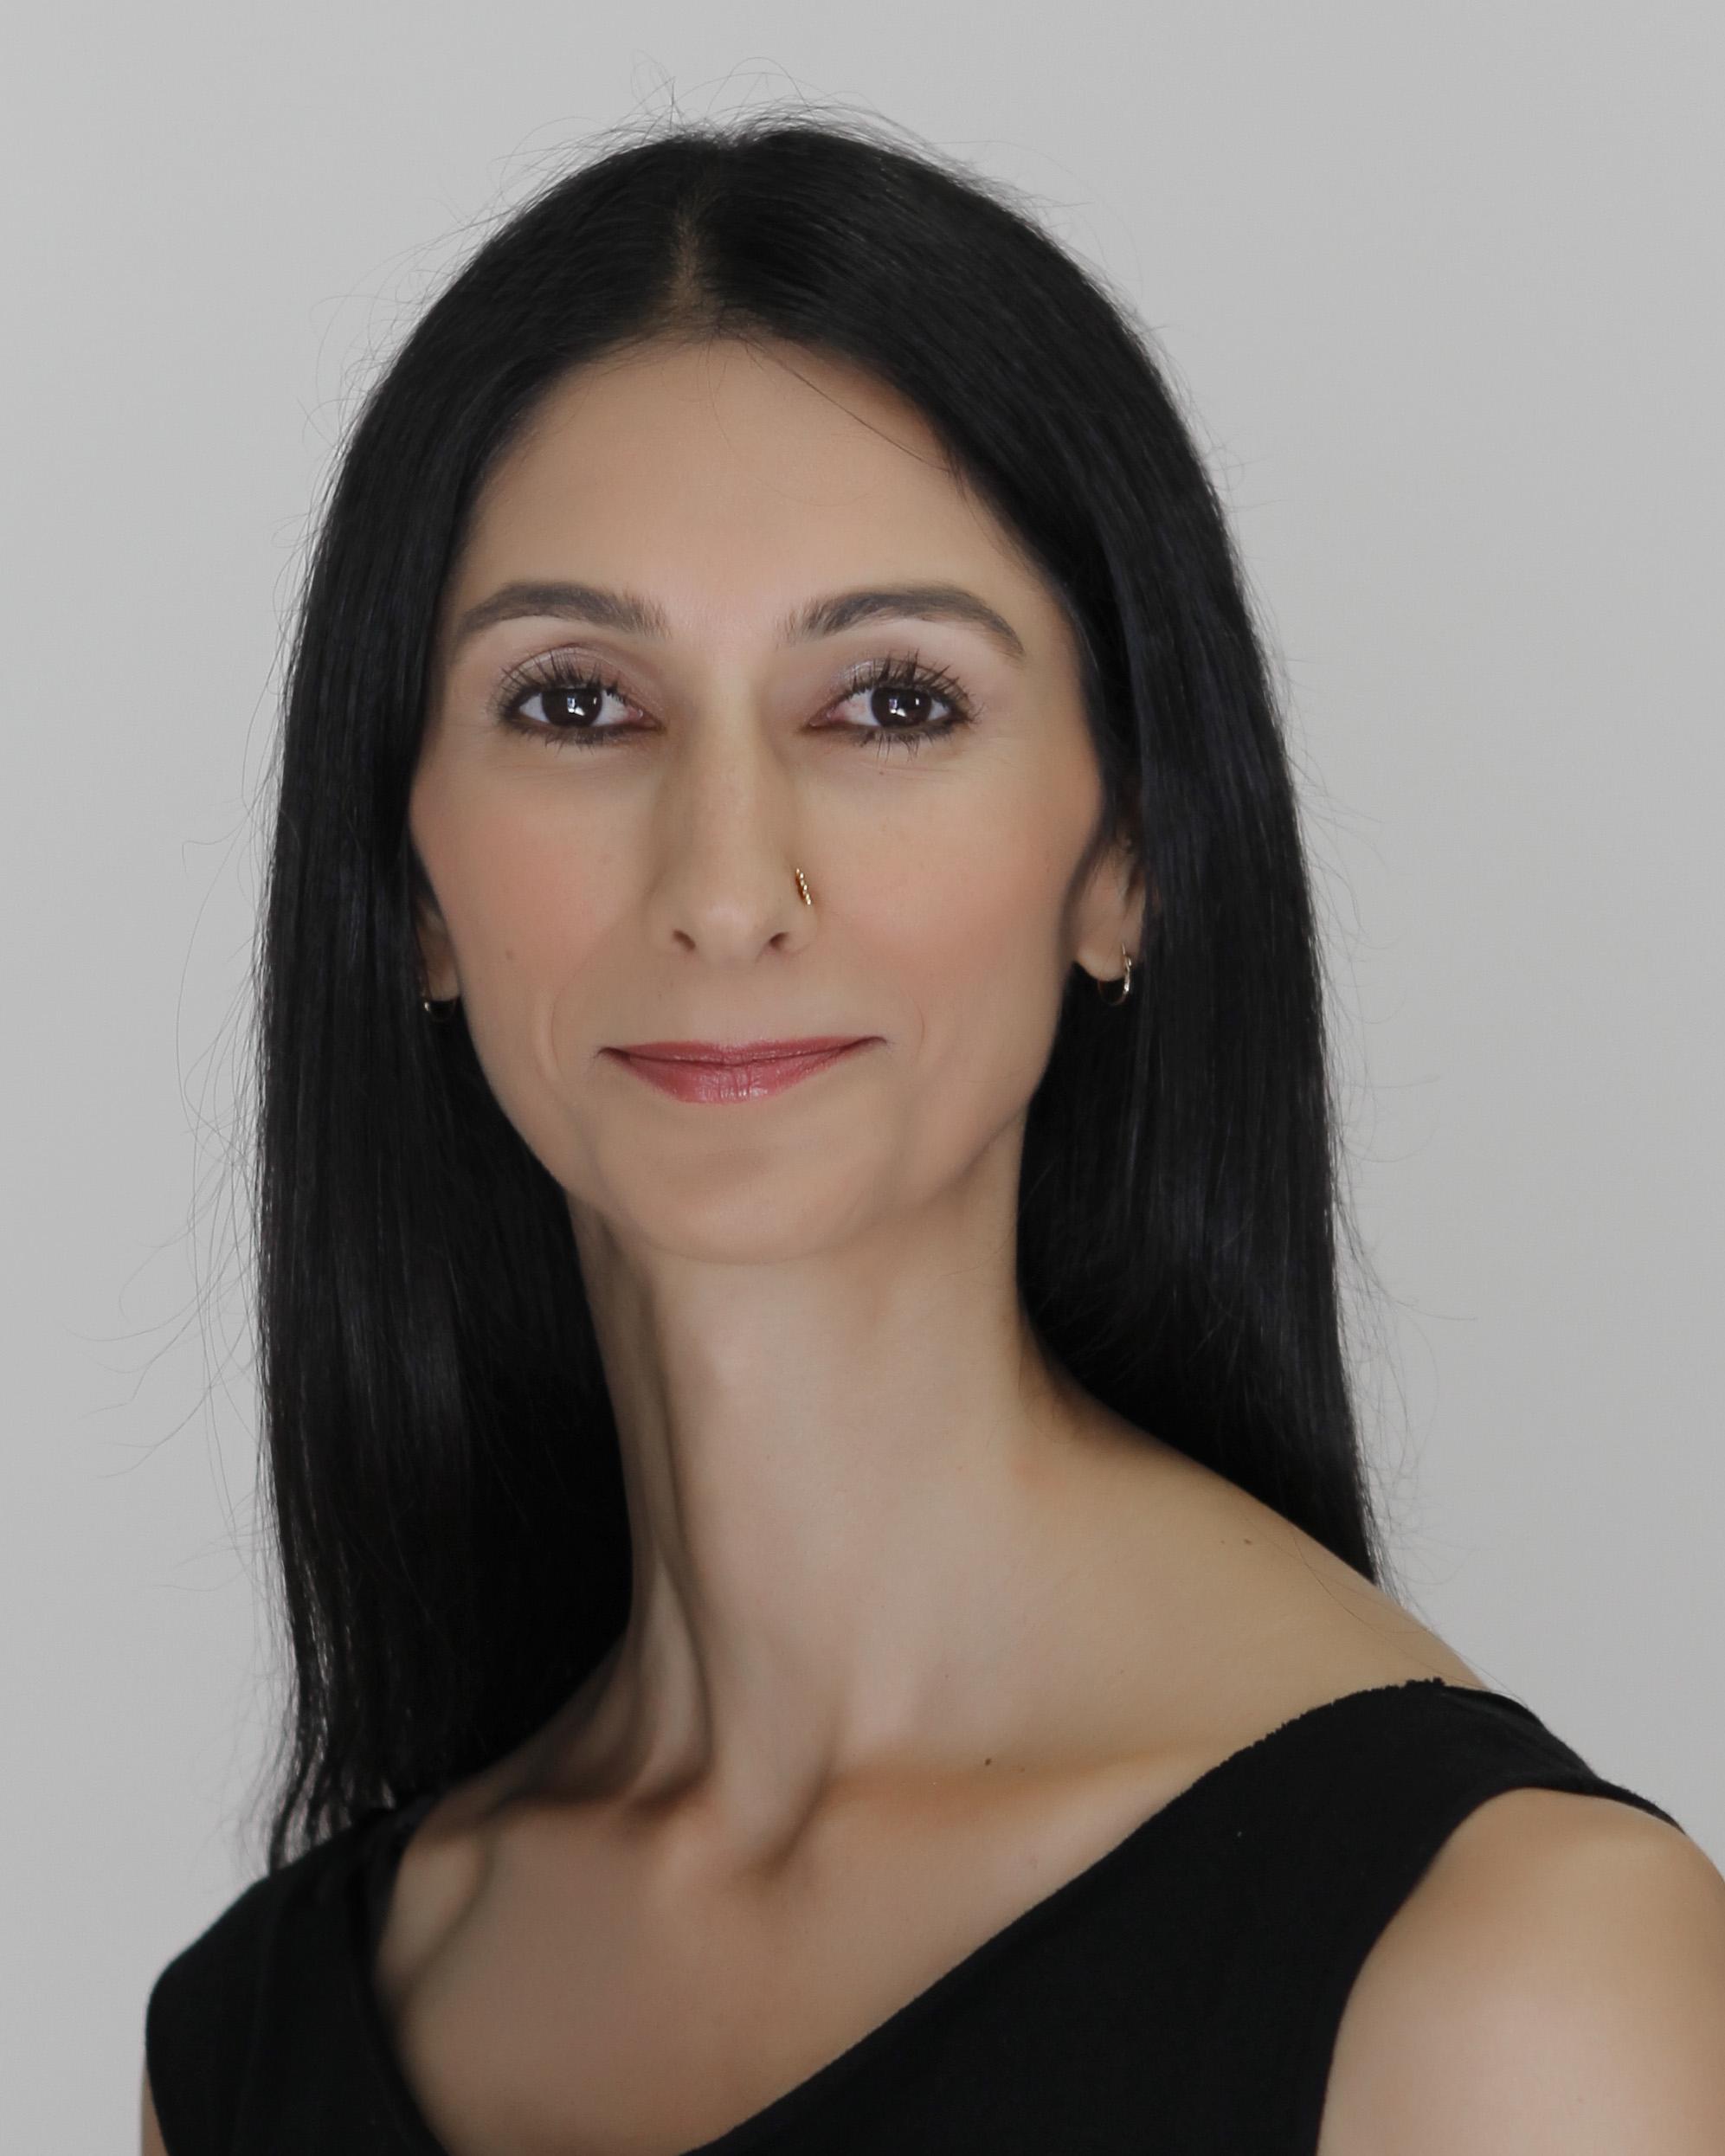 Sameena Miita